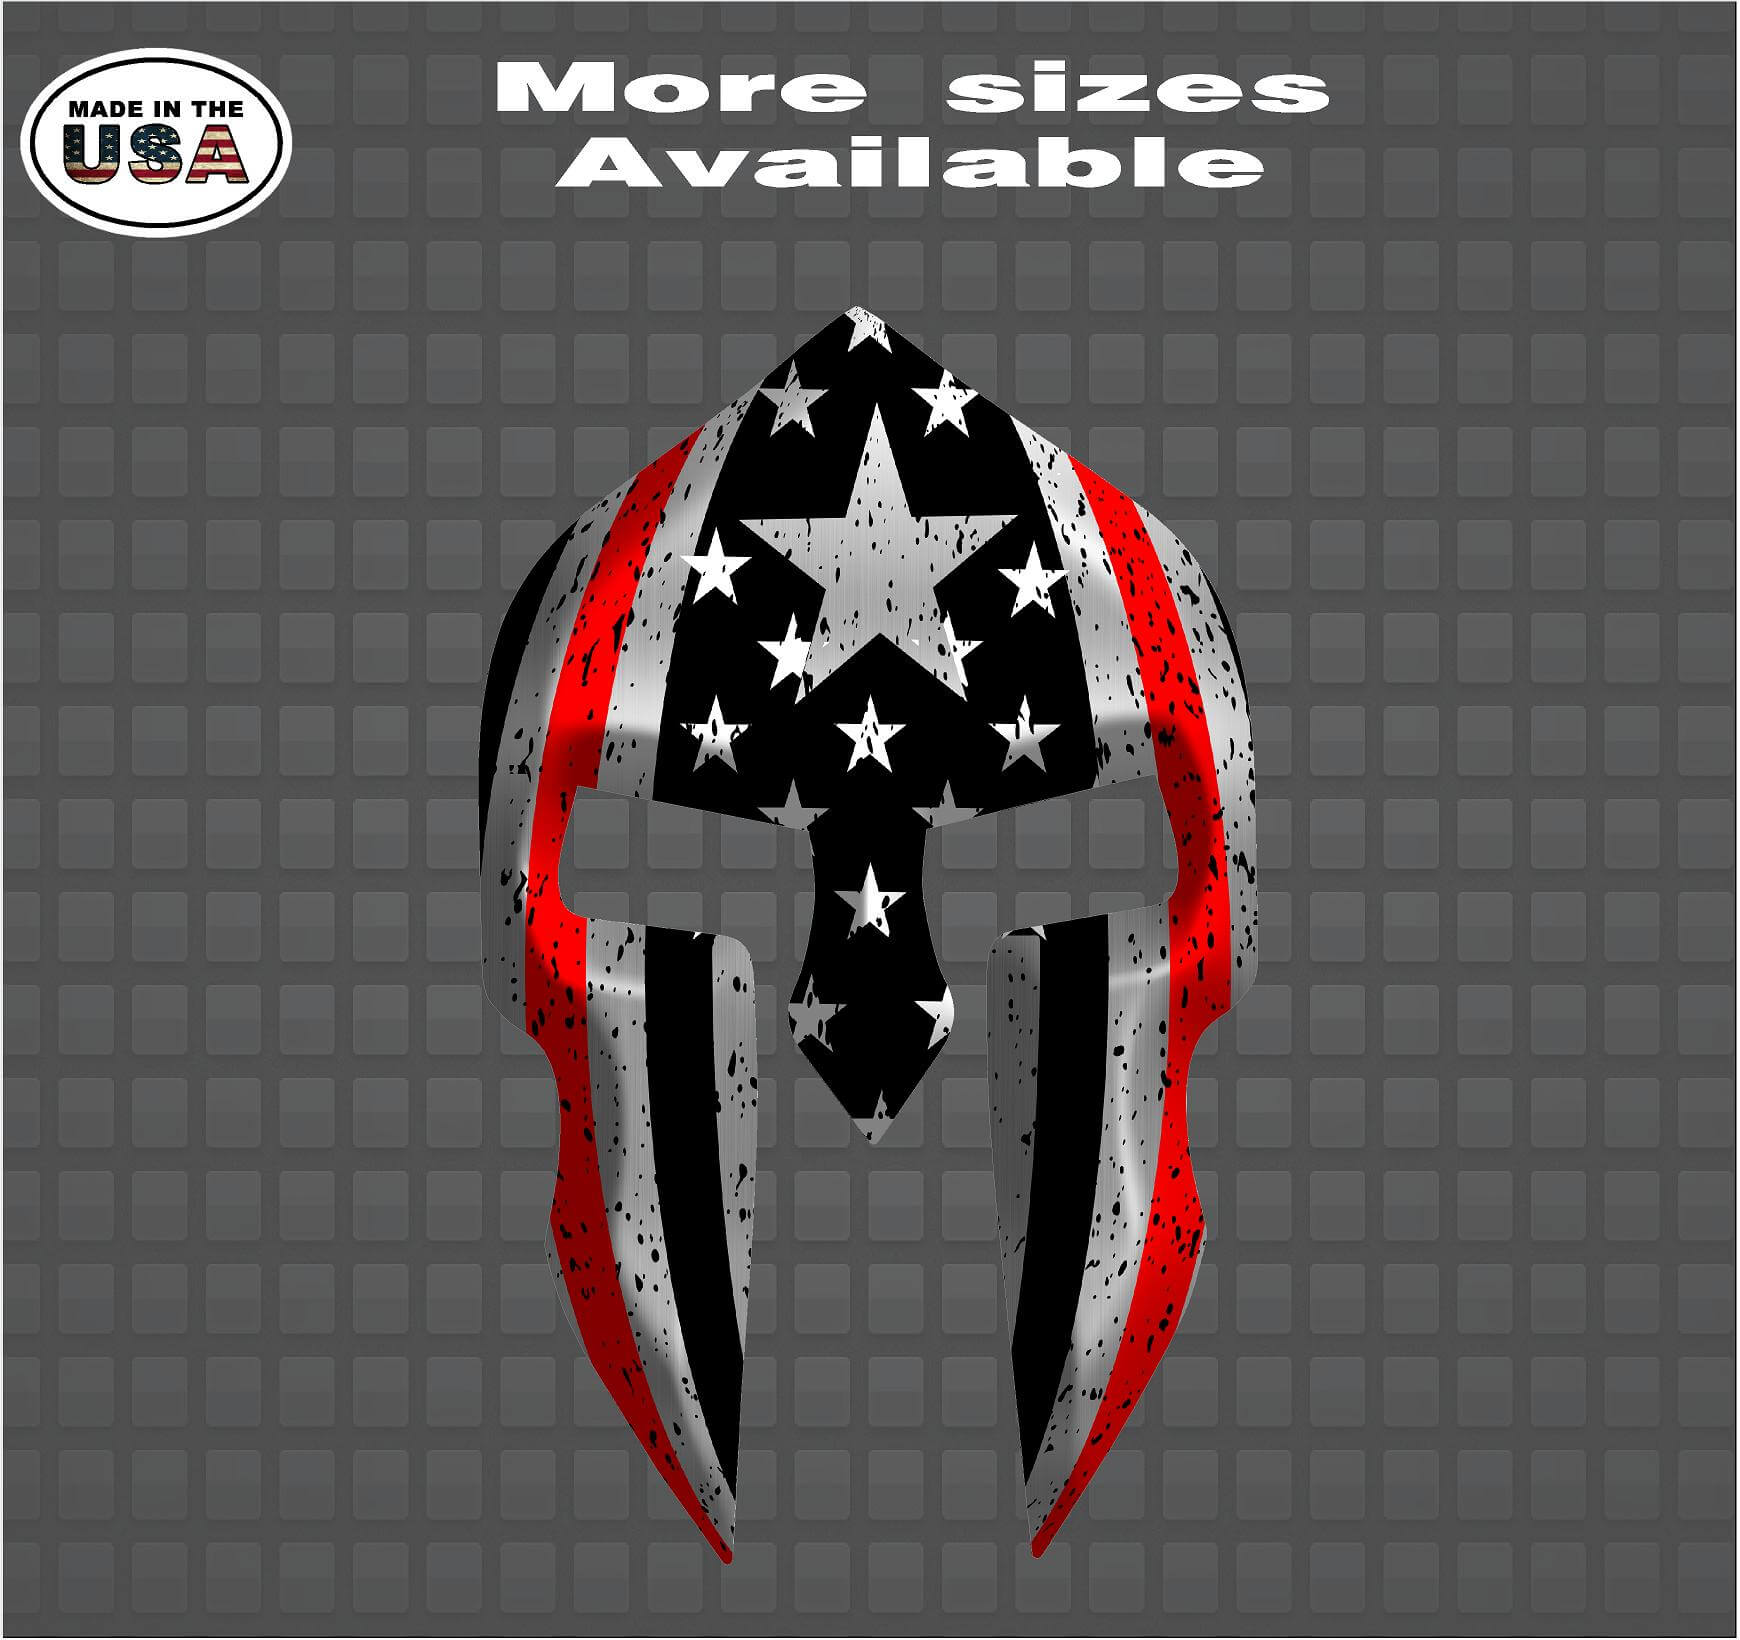 Fireman Firefighter Thin Red Line Spartan Helmet Vinyl Decal Sticker